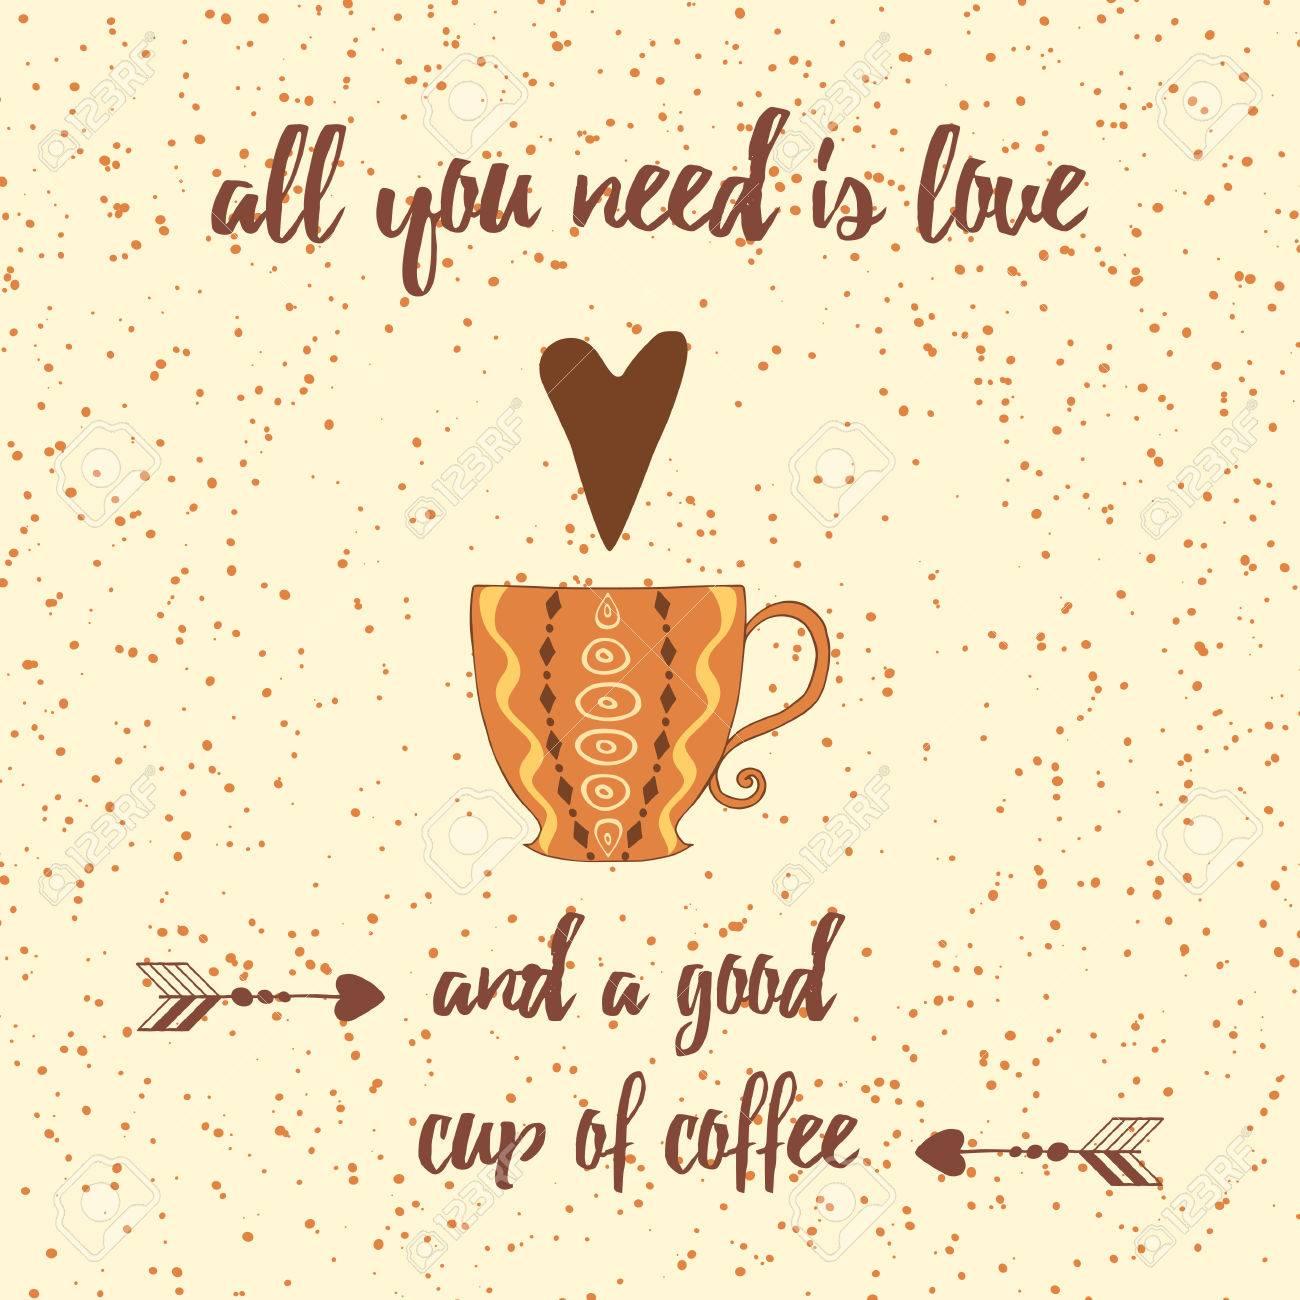 Tazas De Café, Corazón, Refranes Positivos Y Cotización. Allyou Nee ...